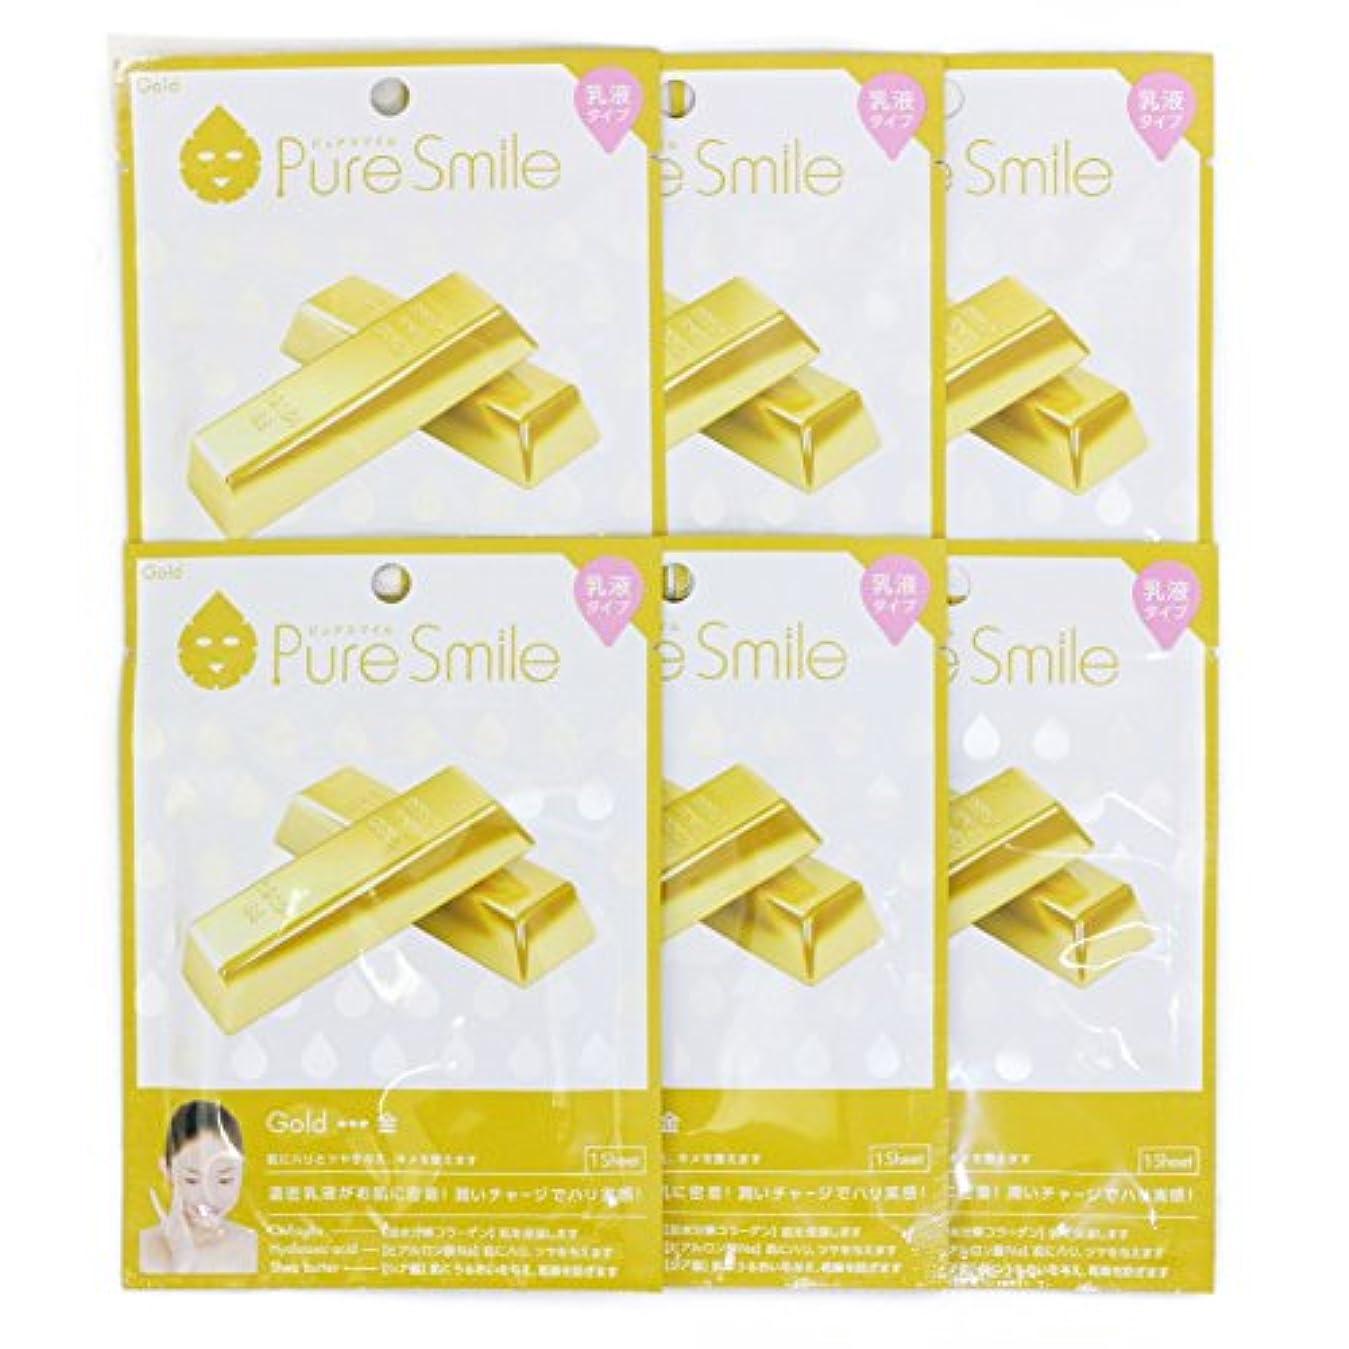 アルカトラズ島便利さやがてPure Smile ピュアスマイル 乳液エッセンスマスク 金 6枚セット